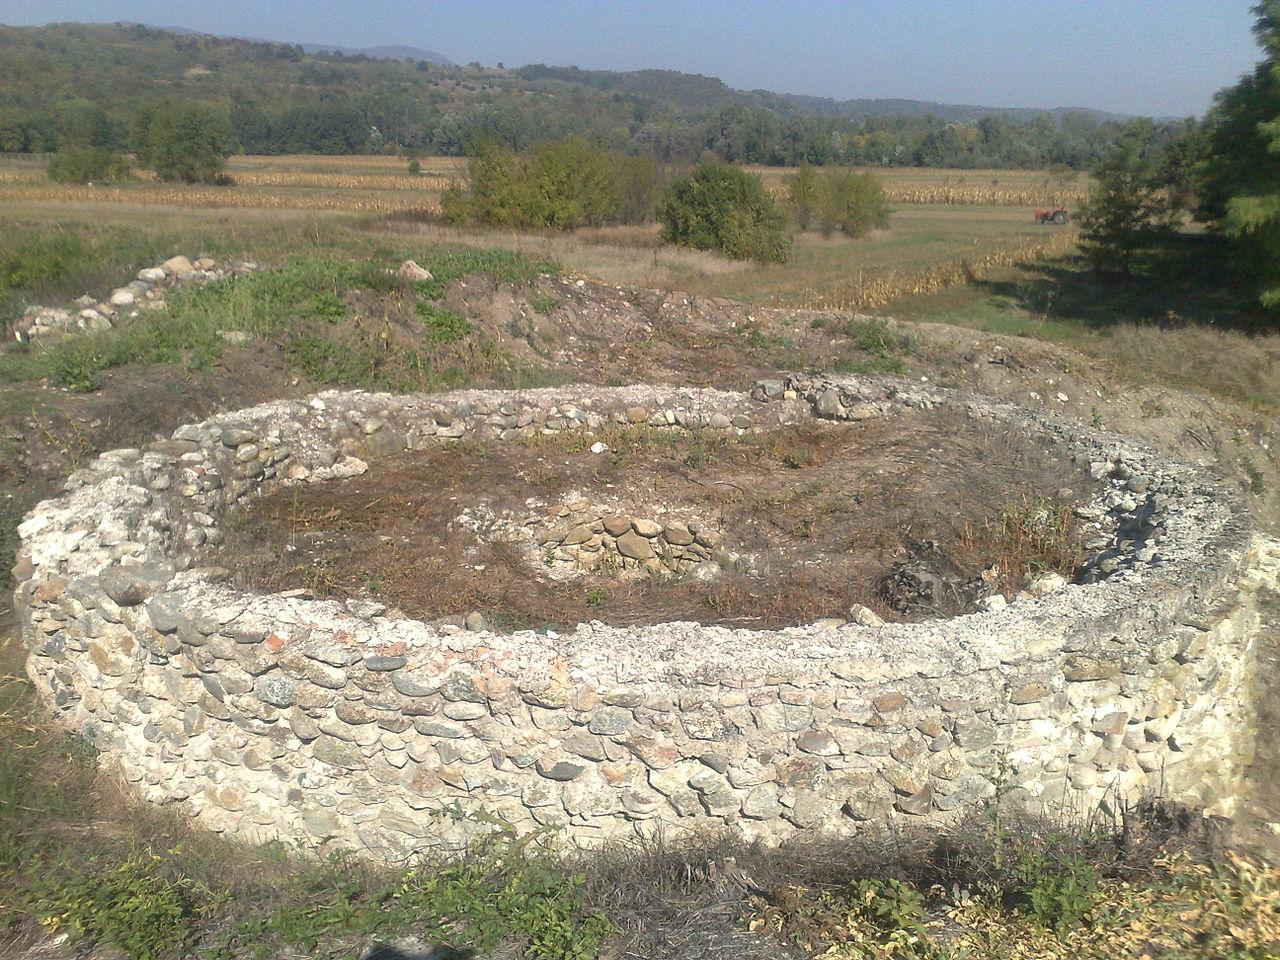 Verovatna cisterna za separaciju zlata i srebra, foto: Marko M. Marković / Wikimedia